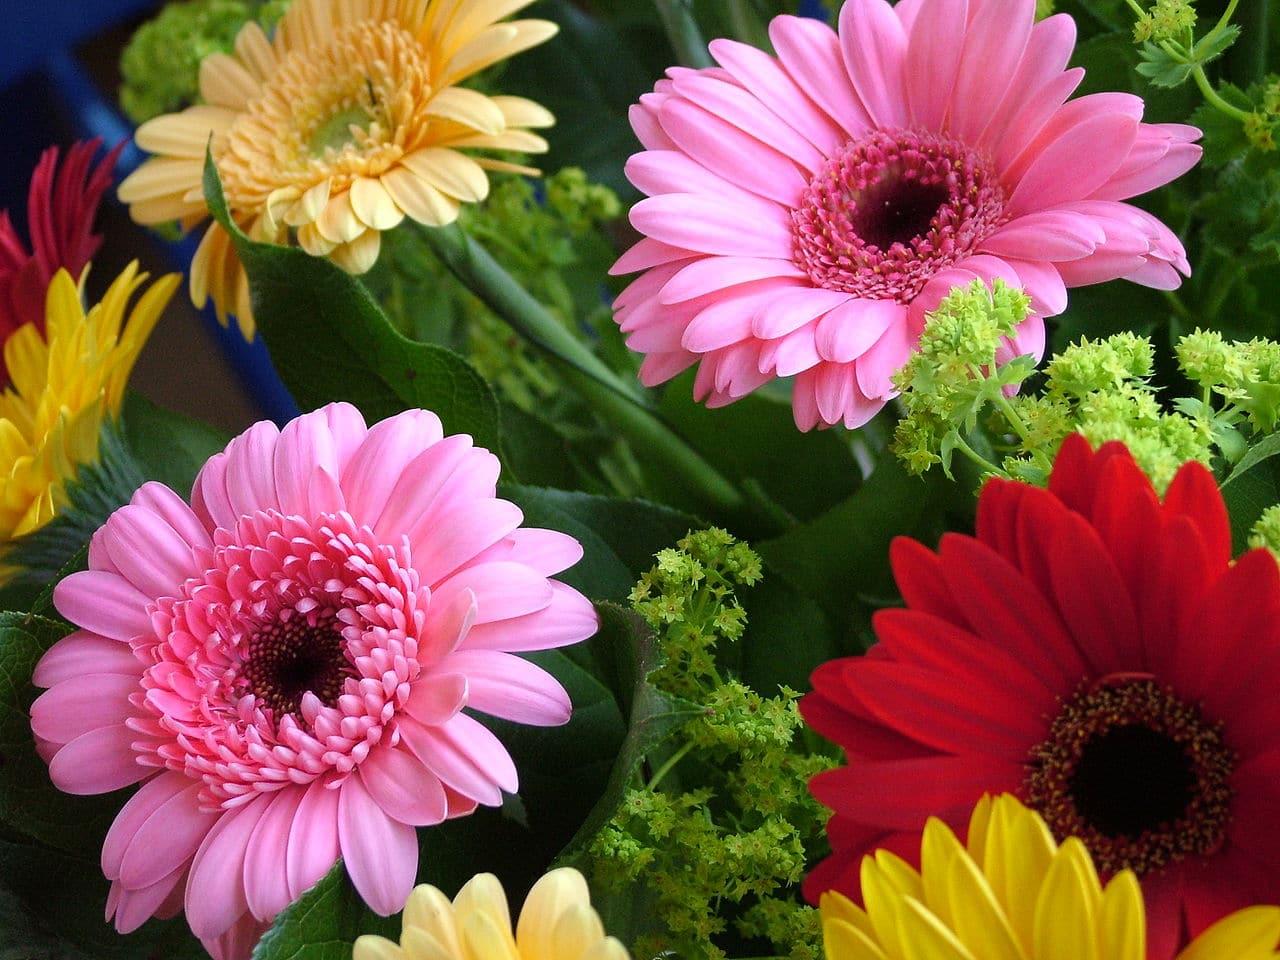 Las gerberas son plantas que producen flores muy bonitas